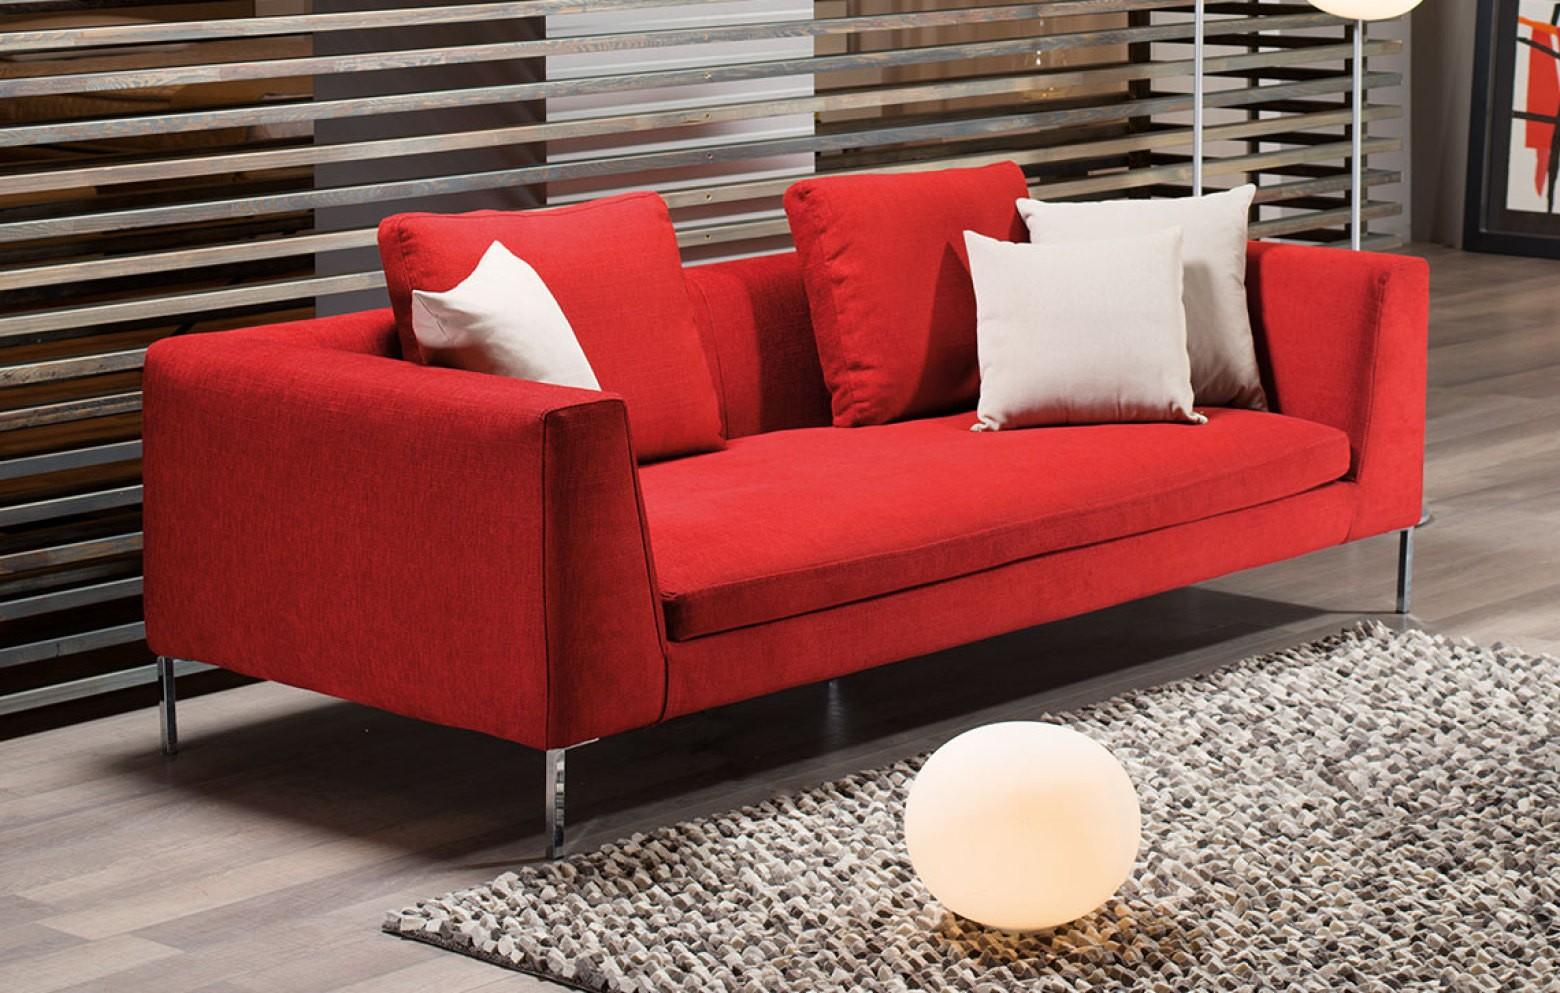 designer einzelsofa luca g nstig bei who 39 s perfect kaufen. Black Bedroom Furniture Sets. Home Design Ideas